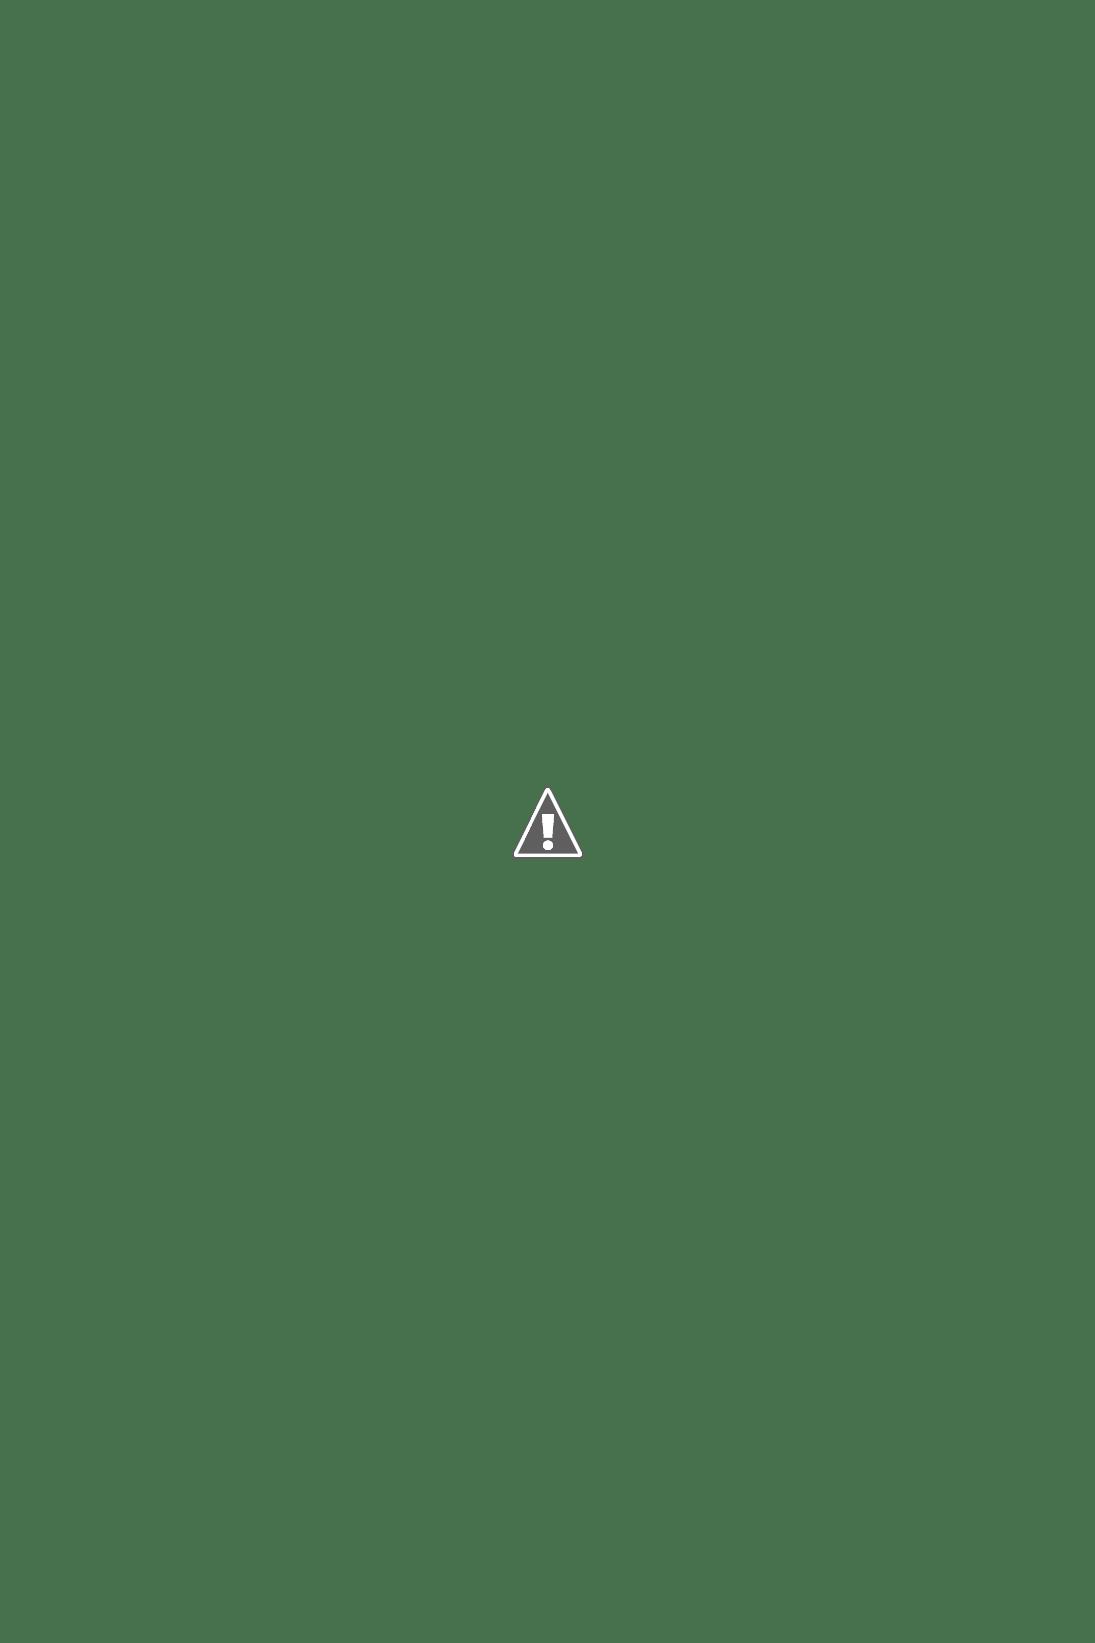 台北市捷運中山站優質餐廳分享【Don-tei壽喜燒】高品質的菜色及服務~聚餐、約會帶客戶來都無懈可擊! @秤瓶樂遊遊